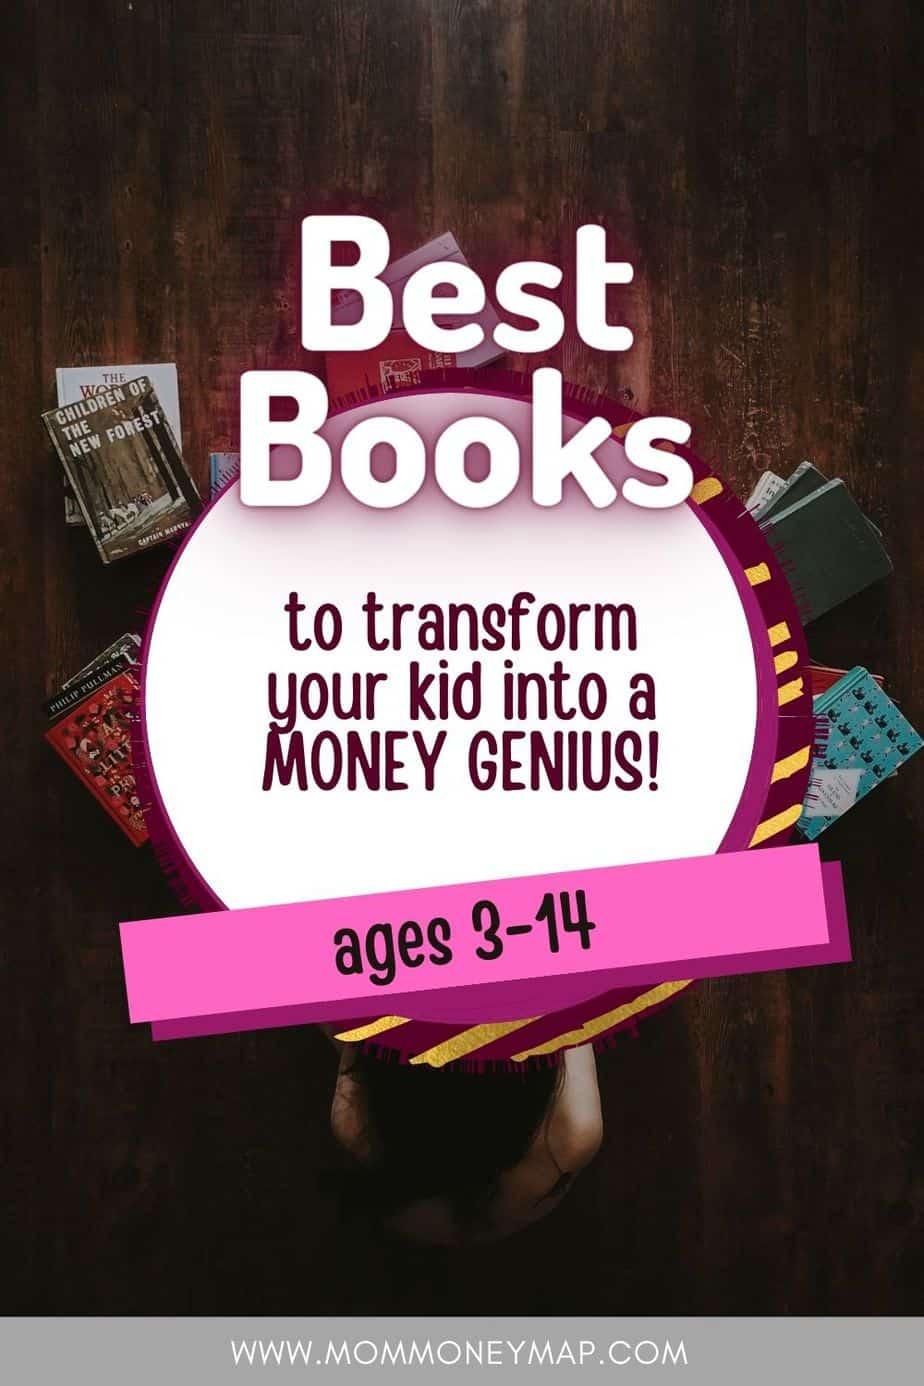 Children's book about finance